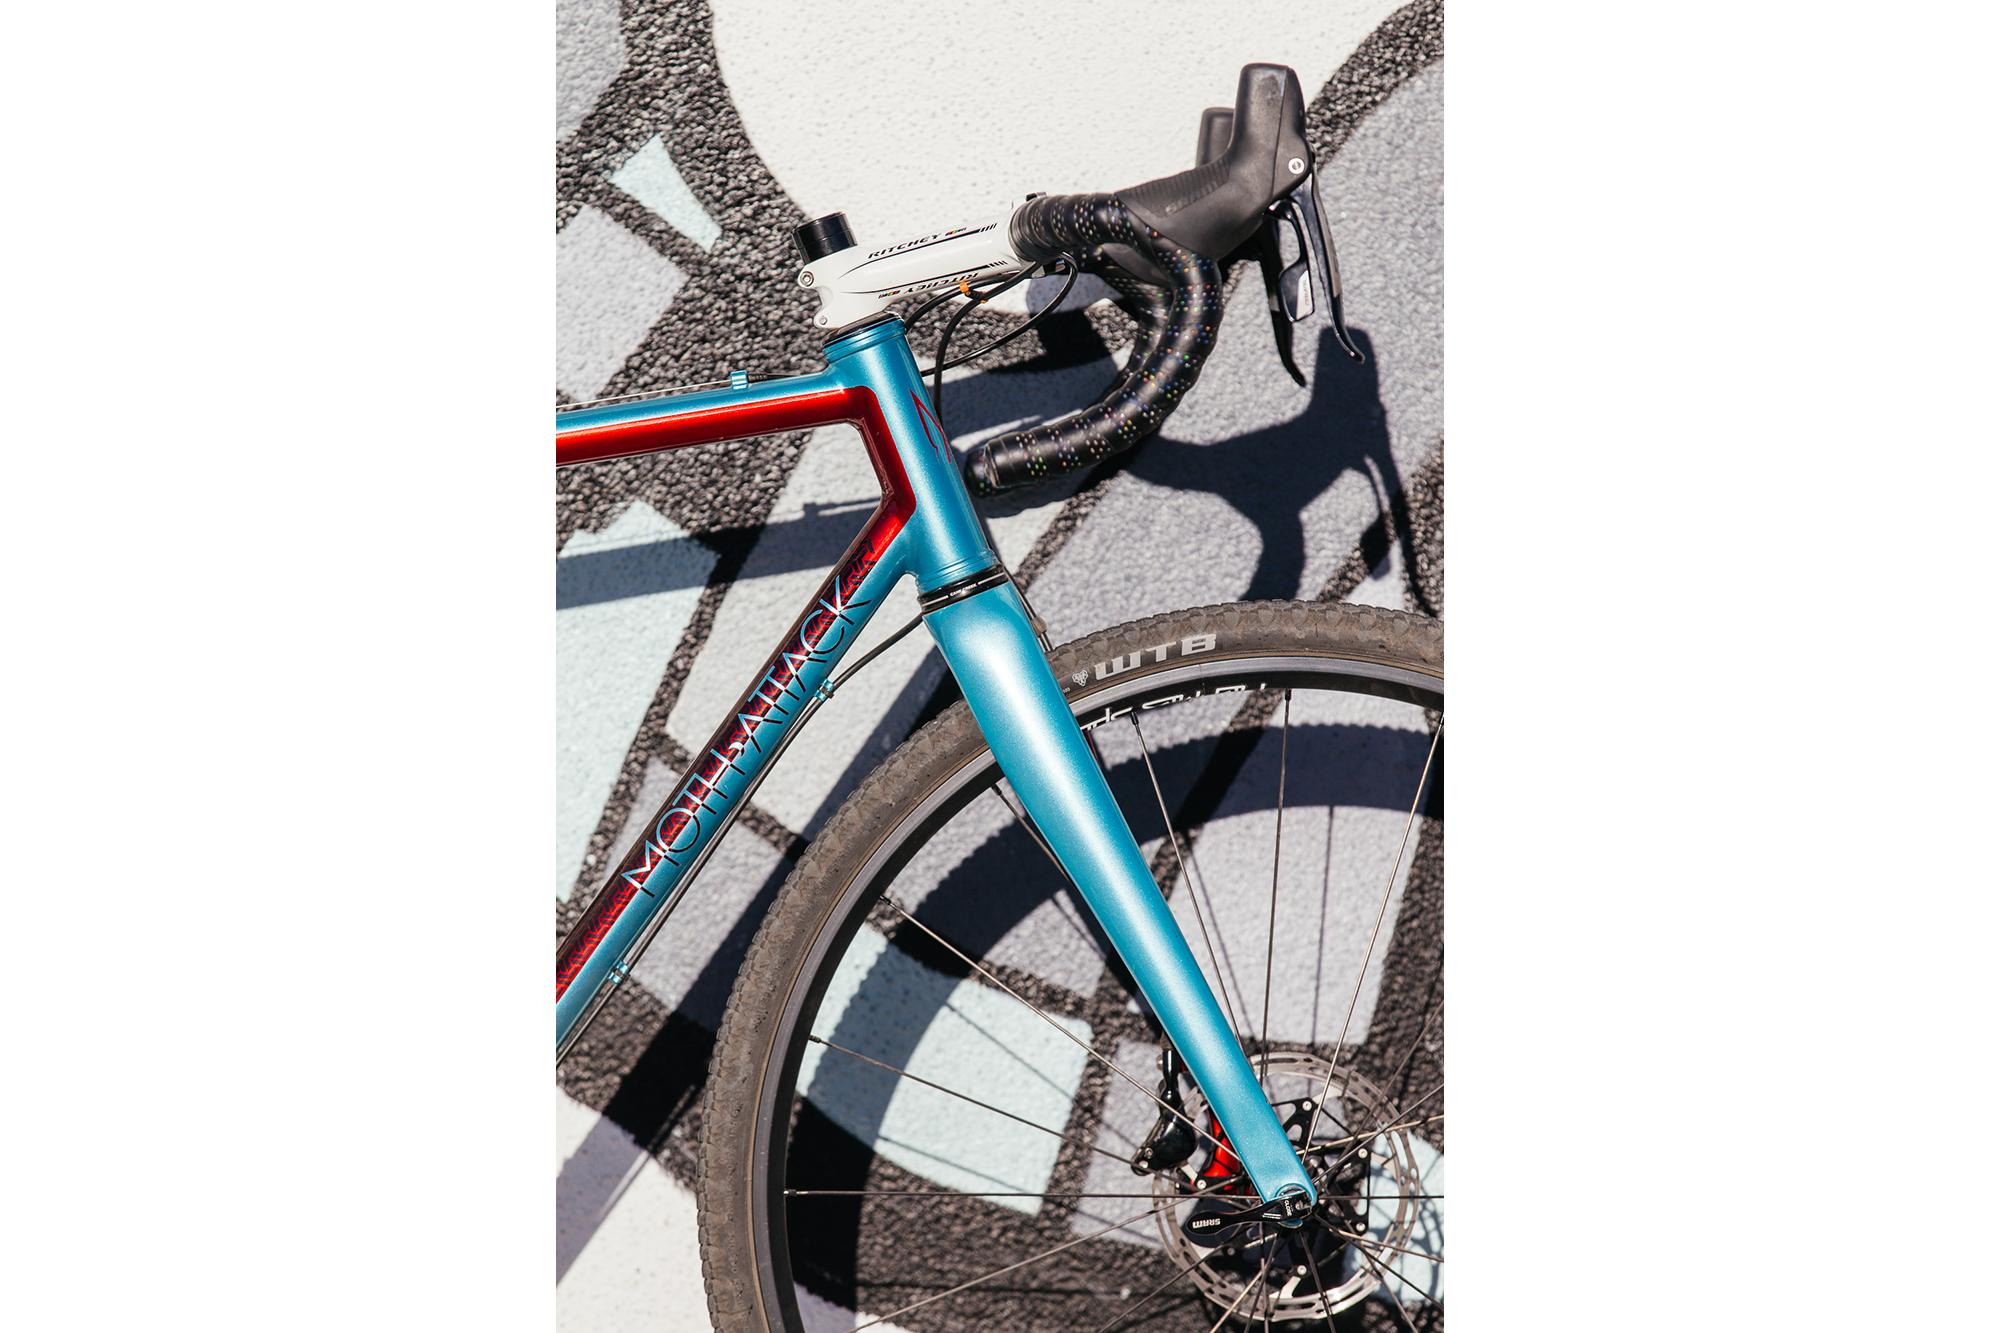 Ericas-Moth-Attack-CX-Team-Bike-20-1335x890@2x.png